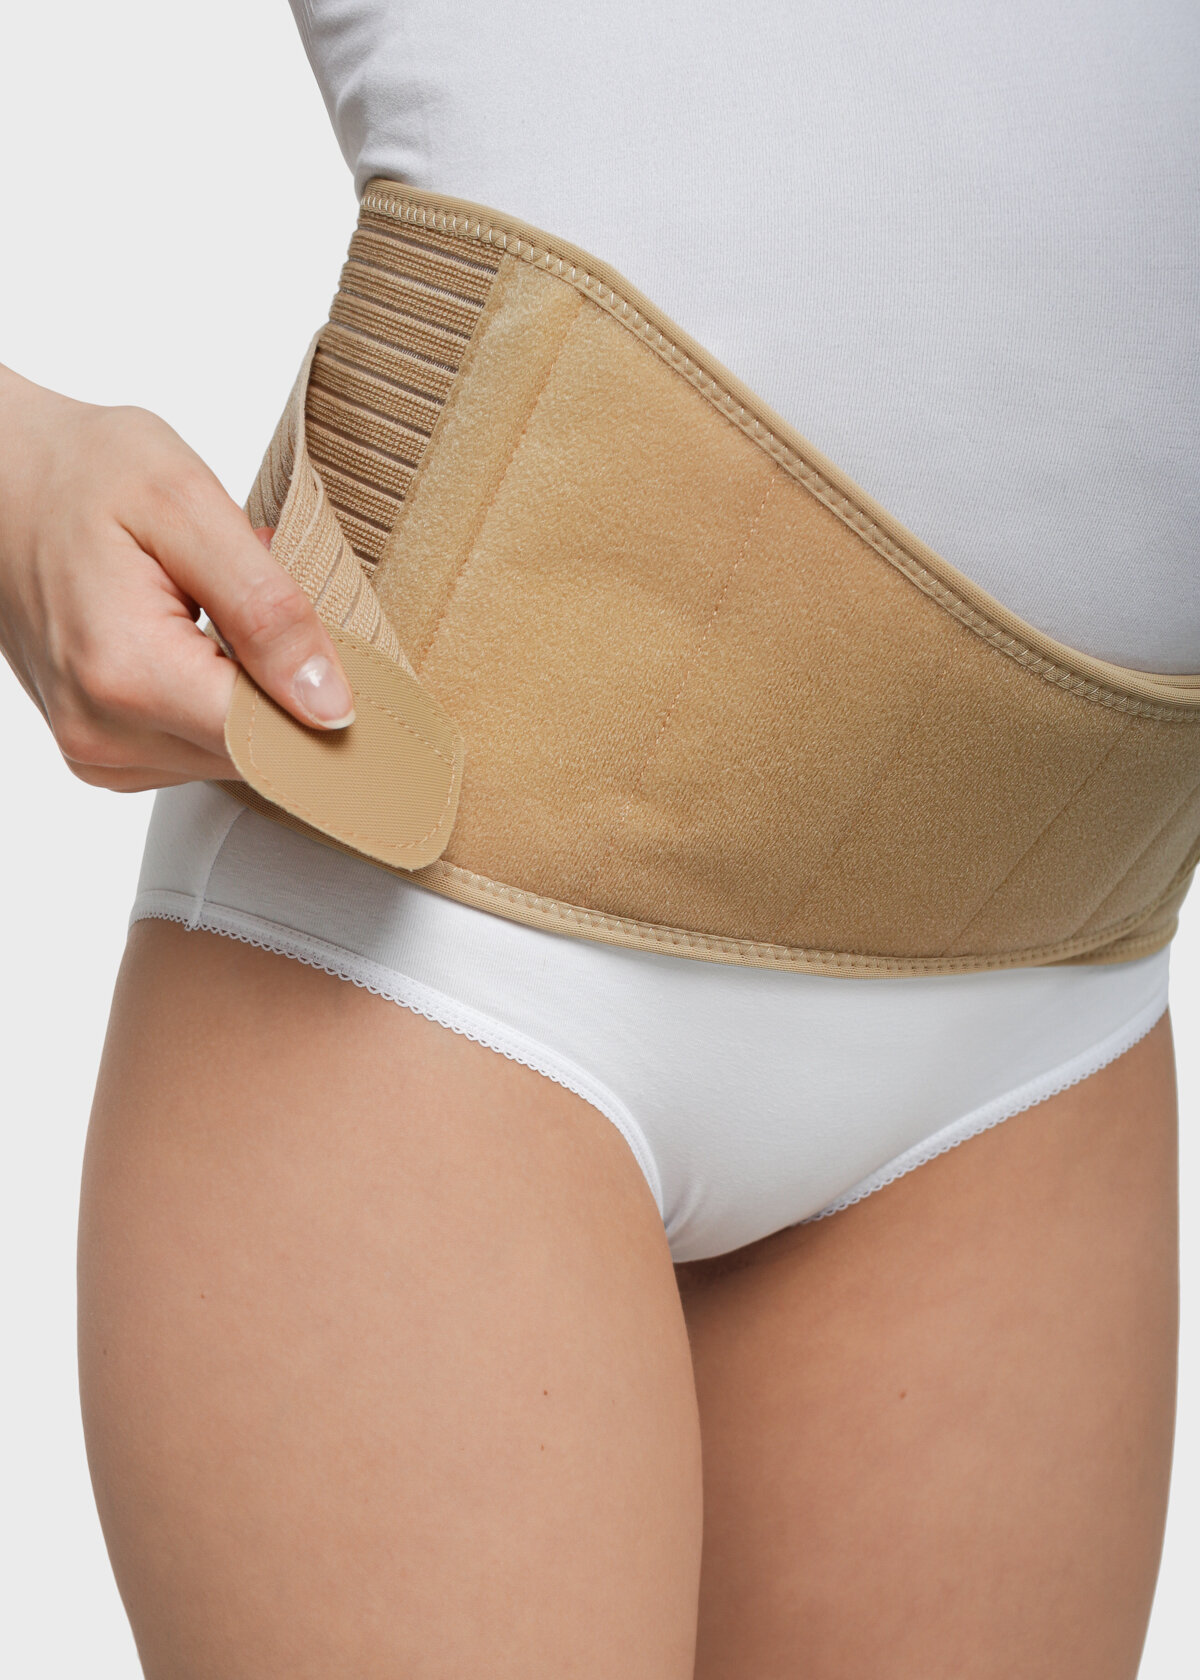 Как выбрать и как носить послеродовой бандаж - инструкция по применению (+ послеродовой бандаж своими руками)